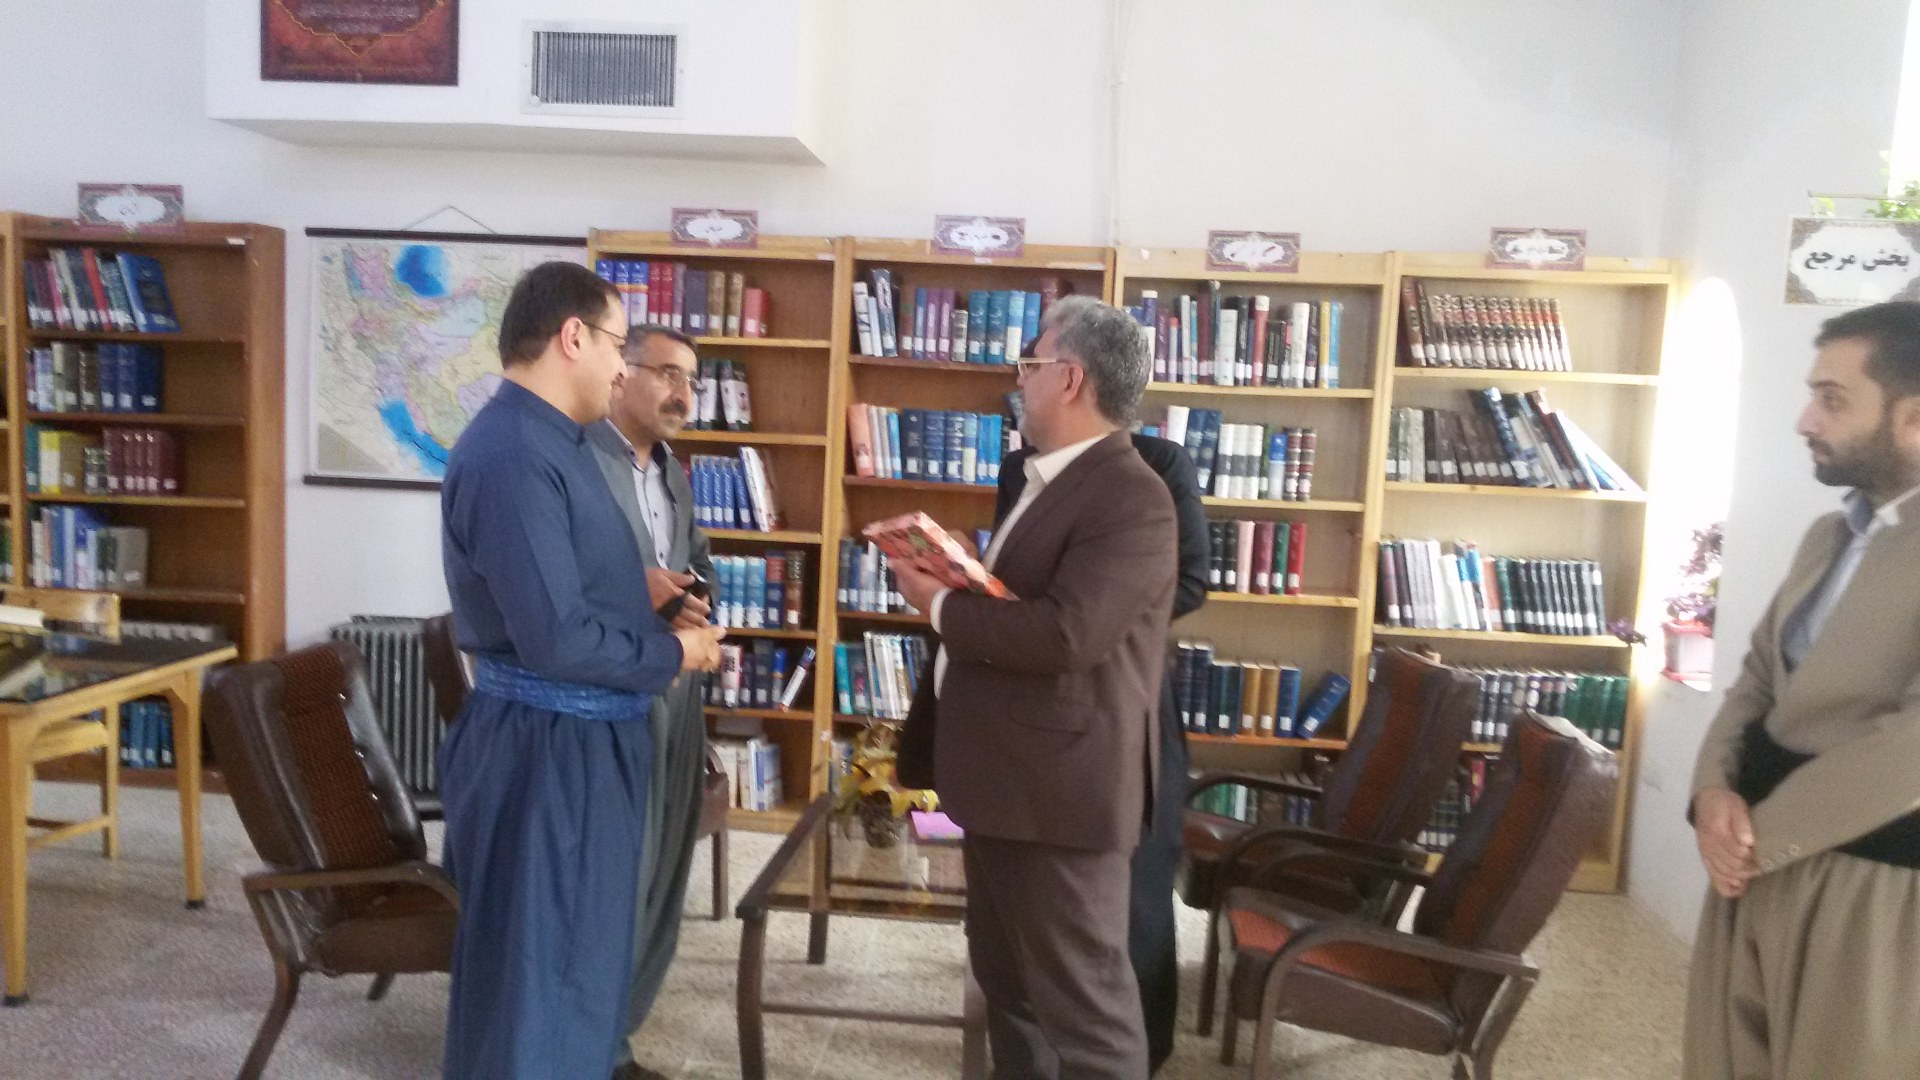 بازدید ایده پور فرماندار پاوه از کتابخانه وحدت